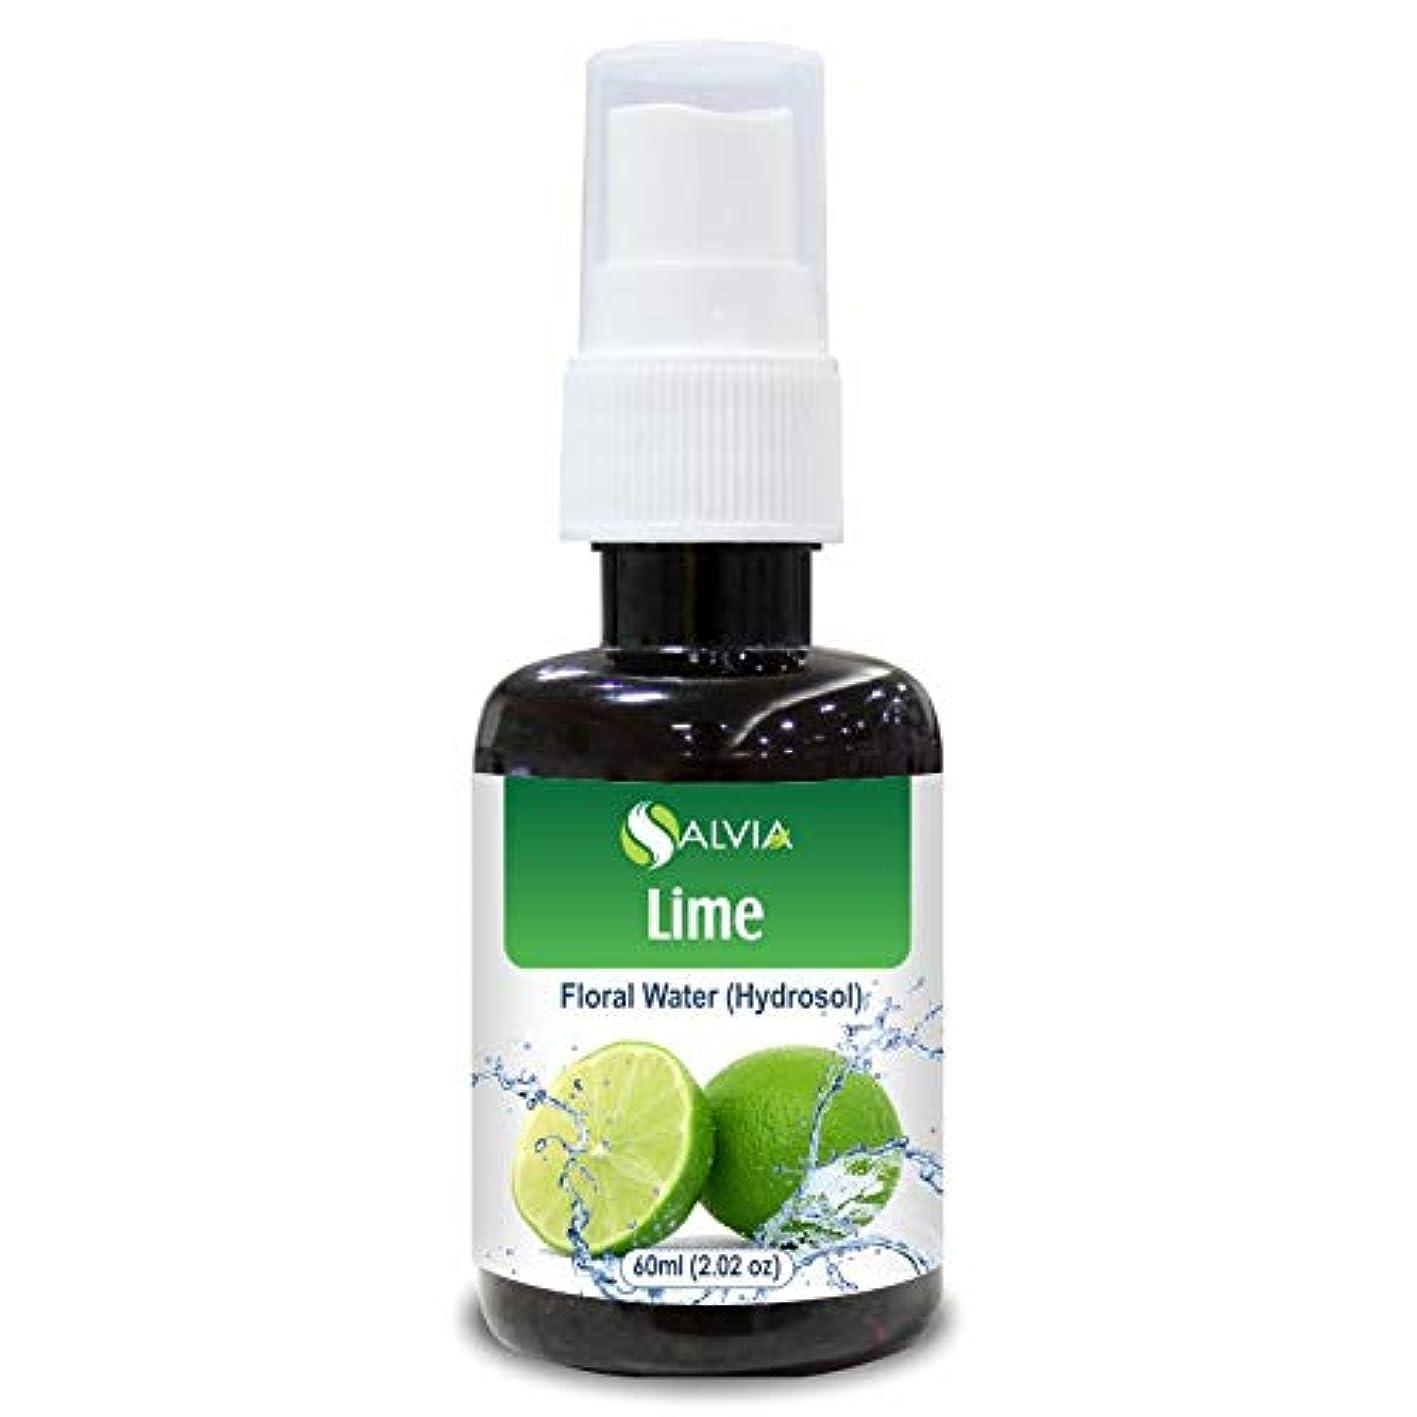 スイス人許可する神聖Lime Floral Water 60ml (Hydrosol) 100% Pure And Natural